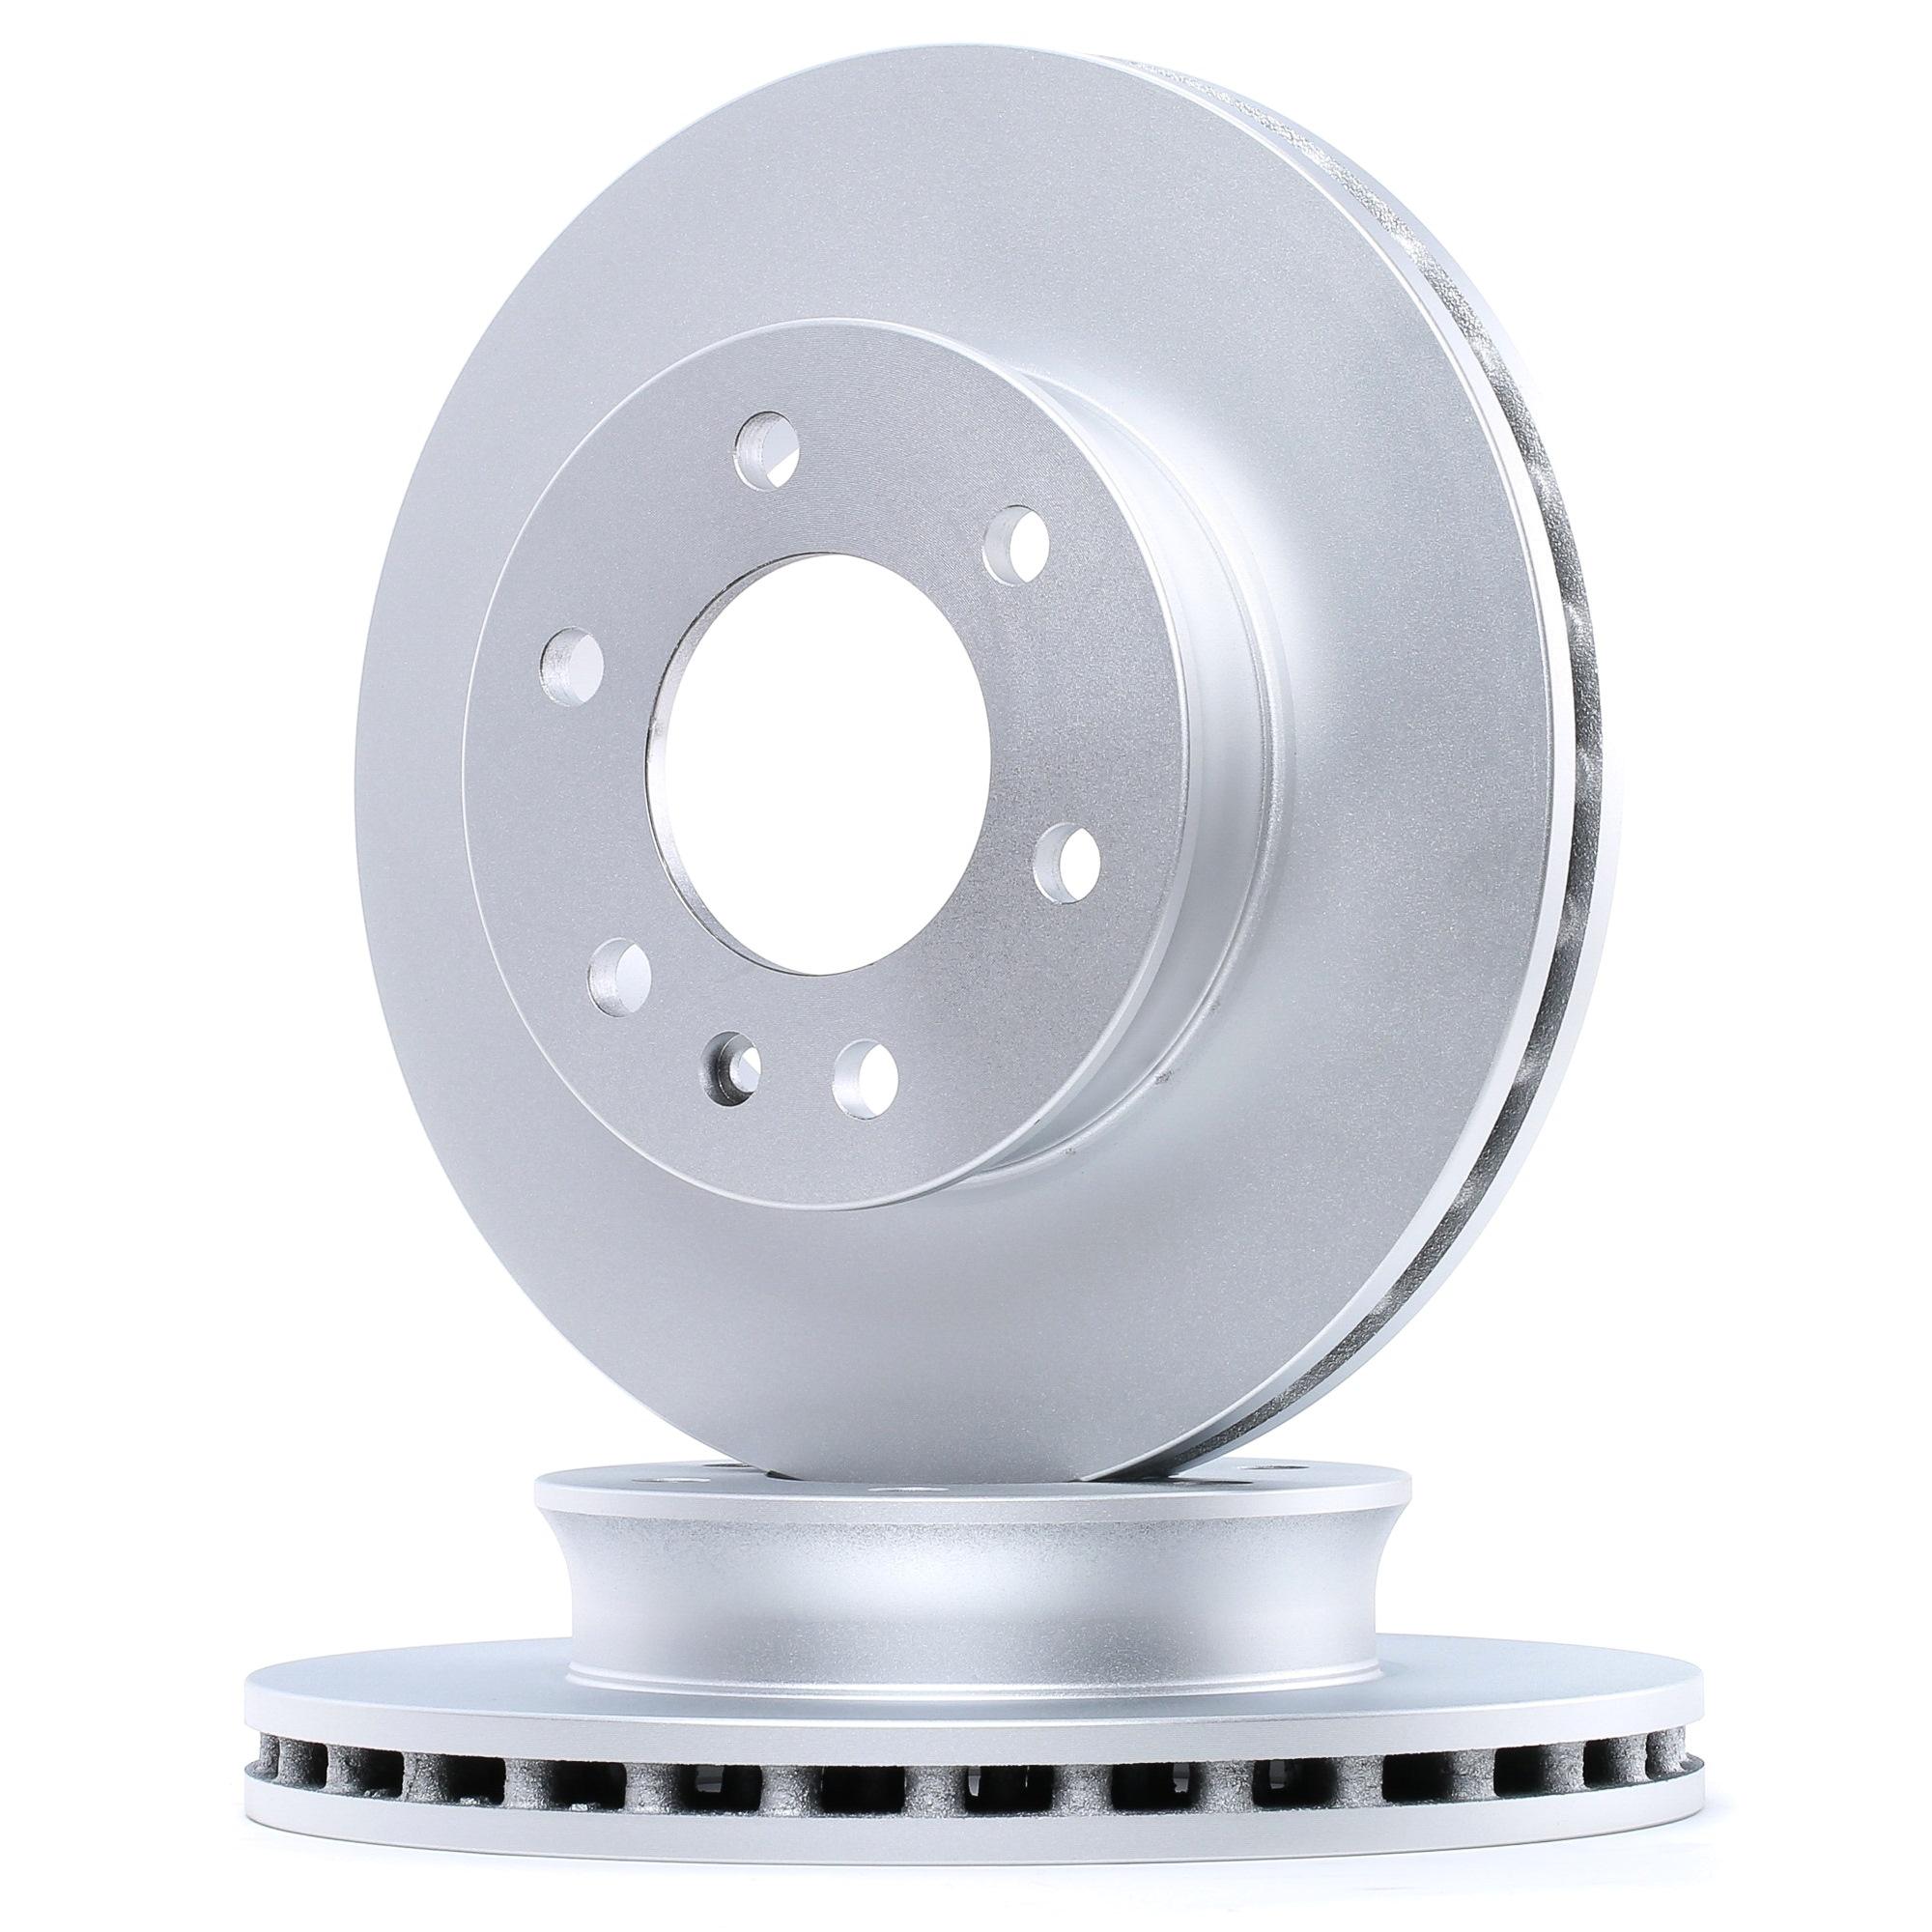 Achetez Disque A.B.S. 17730 (Ø: 300mm, Jante: 6Trou, Épaisseur du disque de frein: 28mm) à un rapport qualité-prix exceptionnel